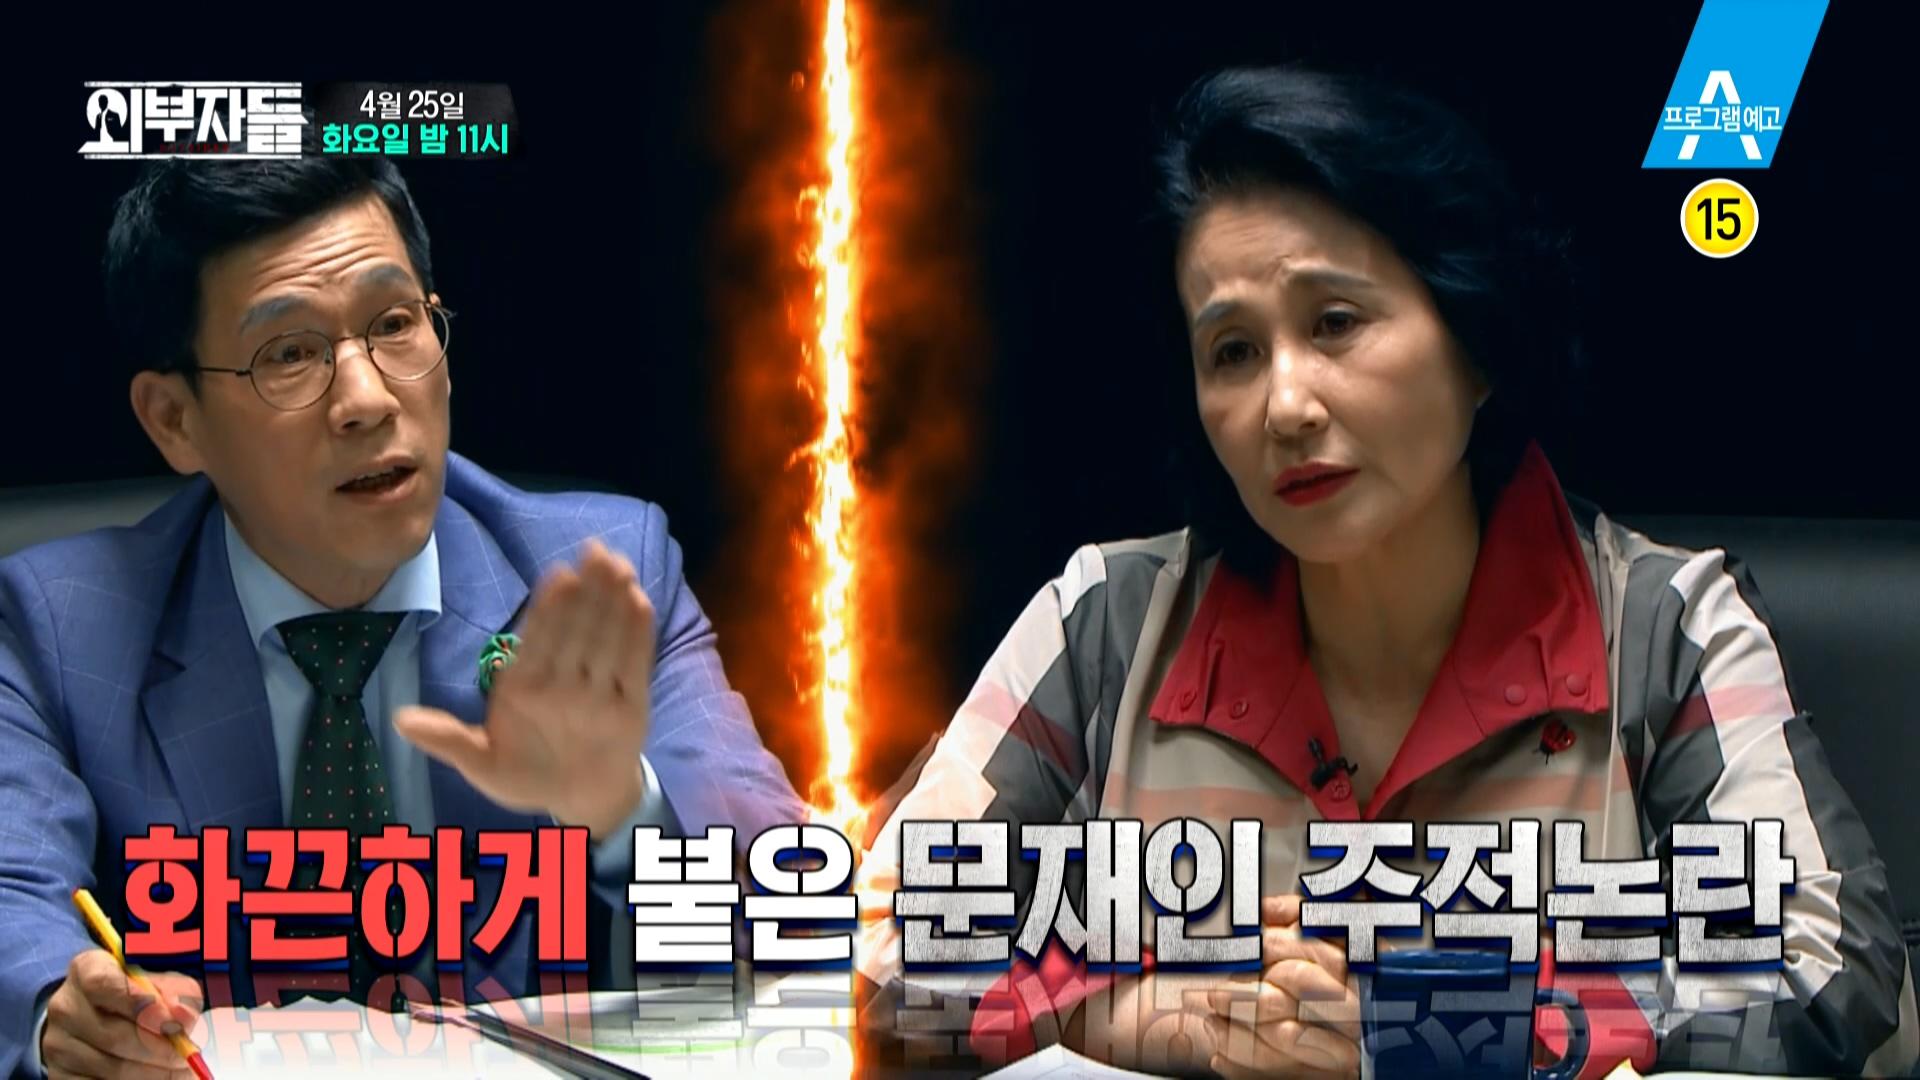 [예고] 대선후보 네거티브 논란, 외부자들 한판 붙다! 이미지